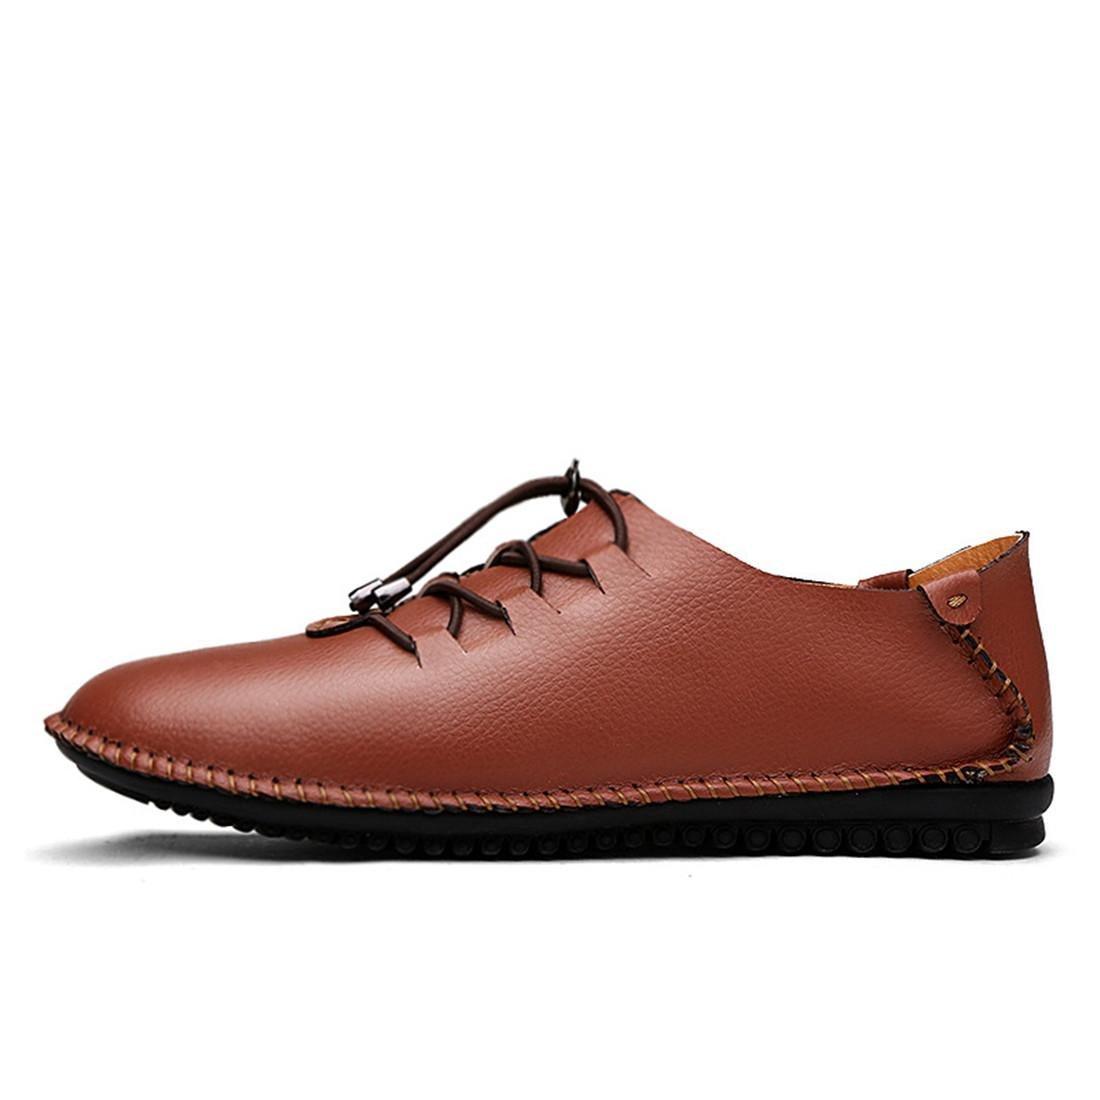 Herren Mode Freizeit Lederschuhe Licht Gemütlich Flache Schuhe Rutschfest Lässige Schuhe Ausbilder EUR GRÖSSE 38-44